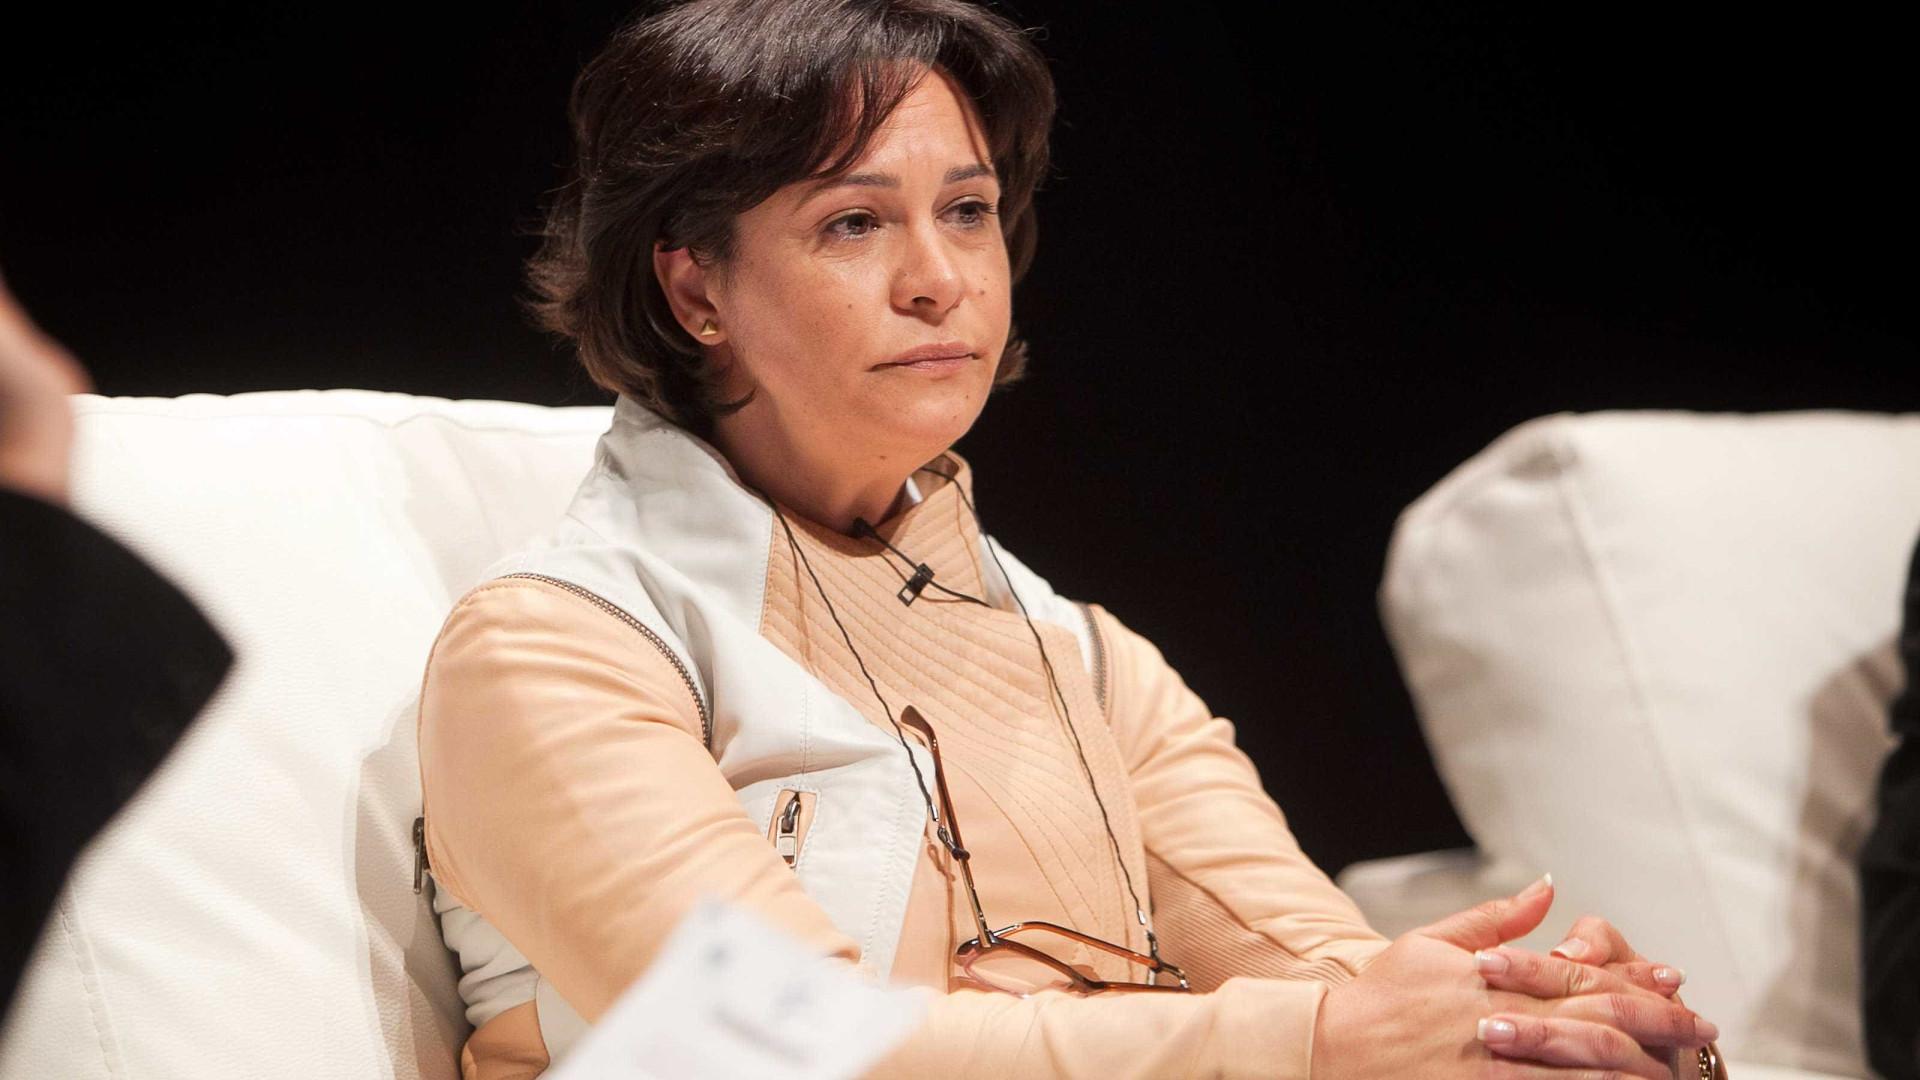 Presidente da Raríssimas acusada de desviar dinheiro da associação para fins pessoais